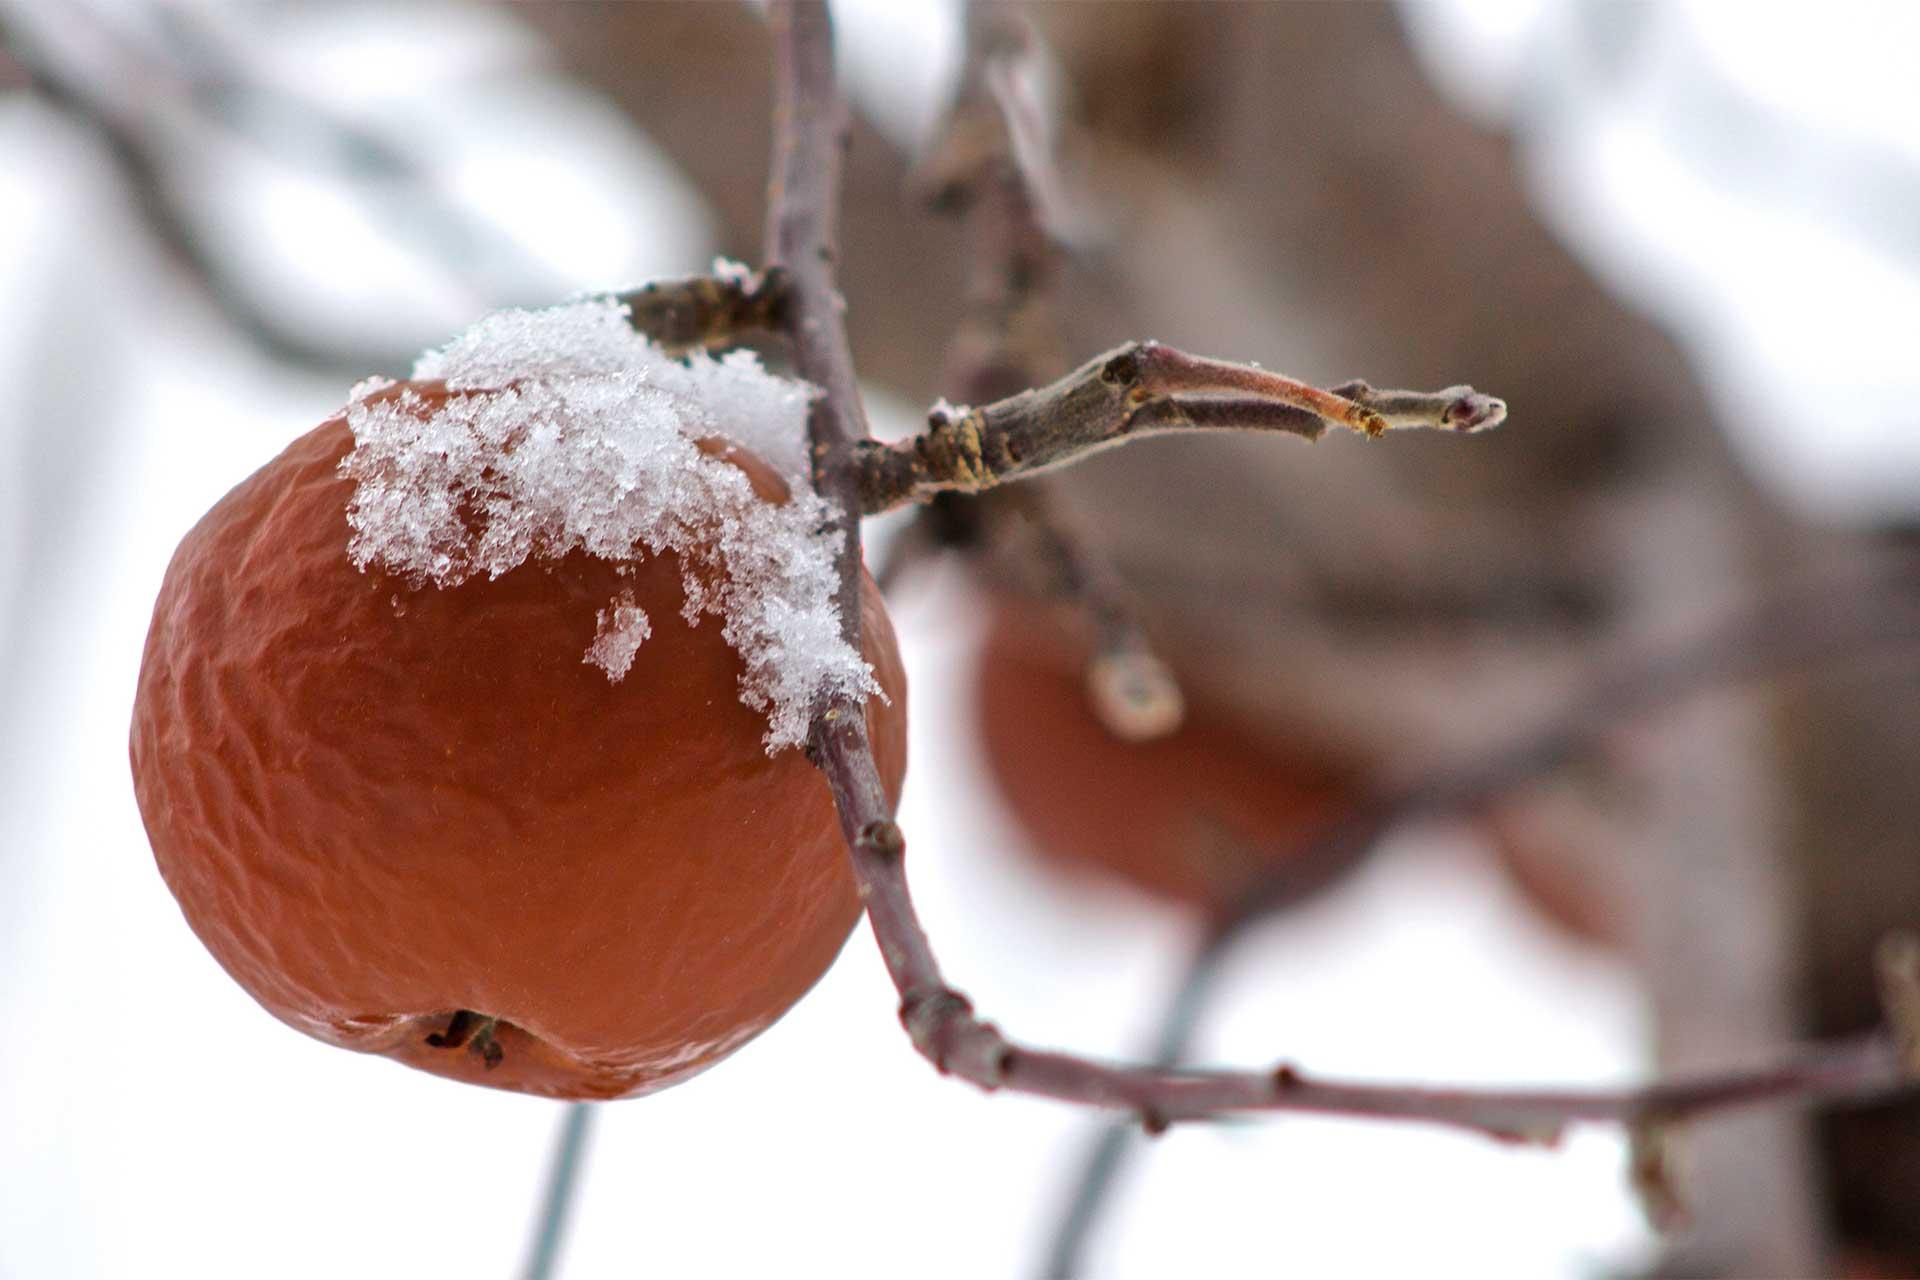 Pomme gelée dans l'arbre, de la neige est retenue sur la pomme